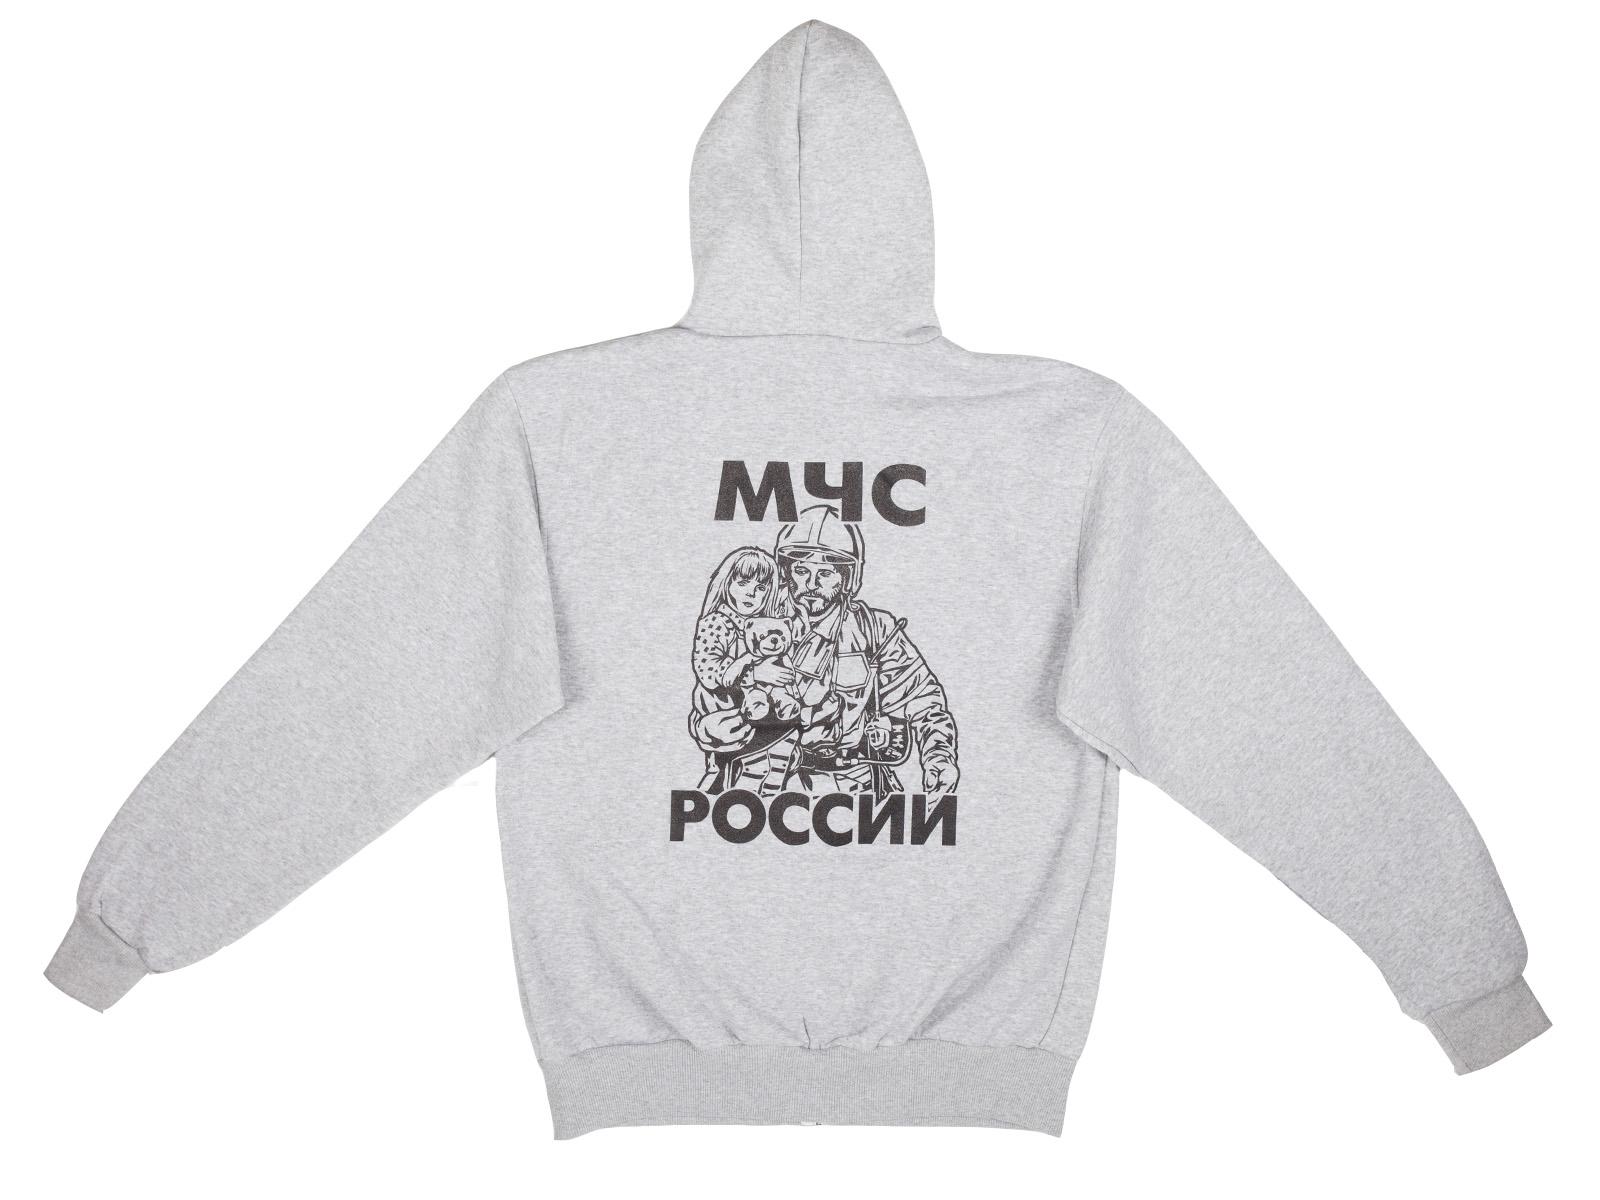 Серая толстовка МЧС России по низкой цене